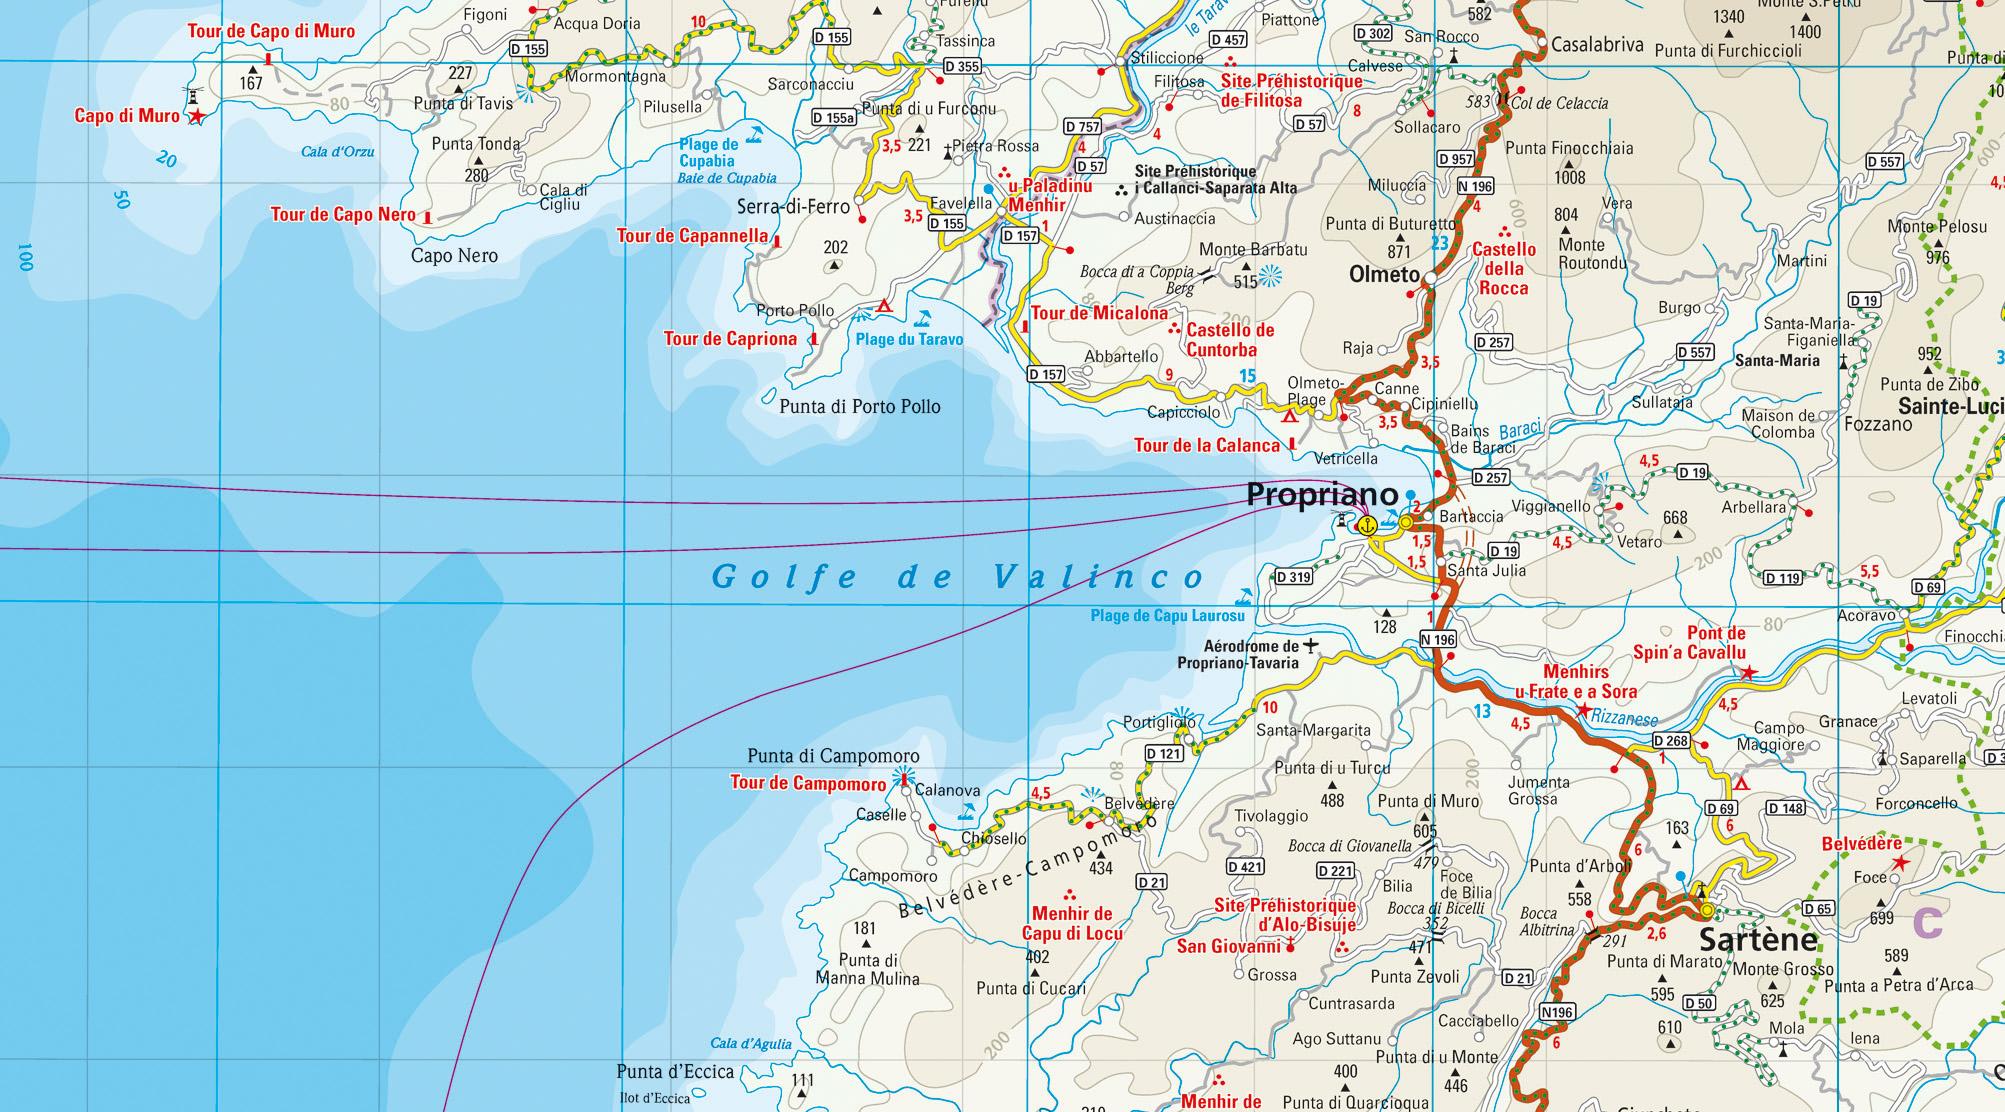 Karte Golf Von Valinco